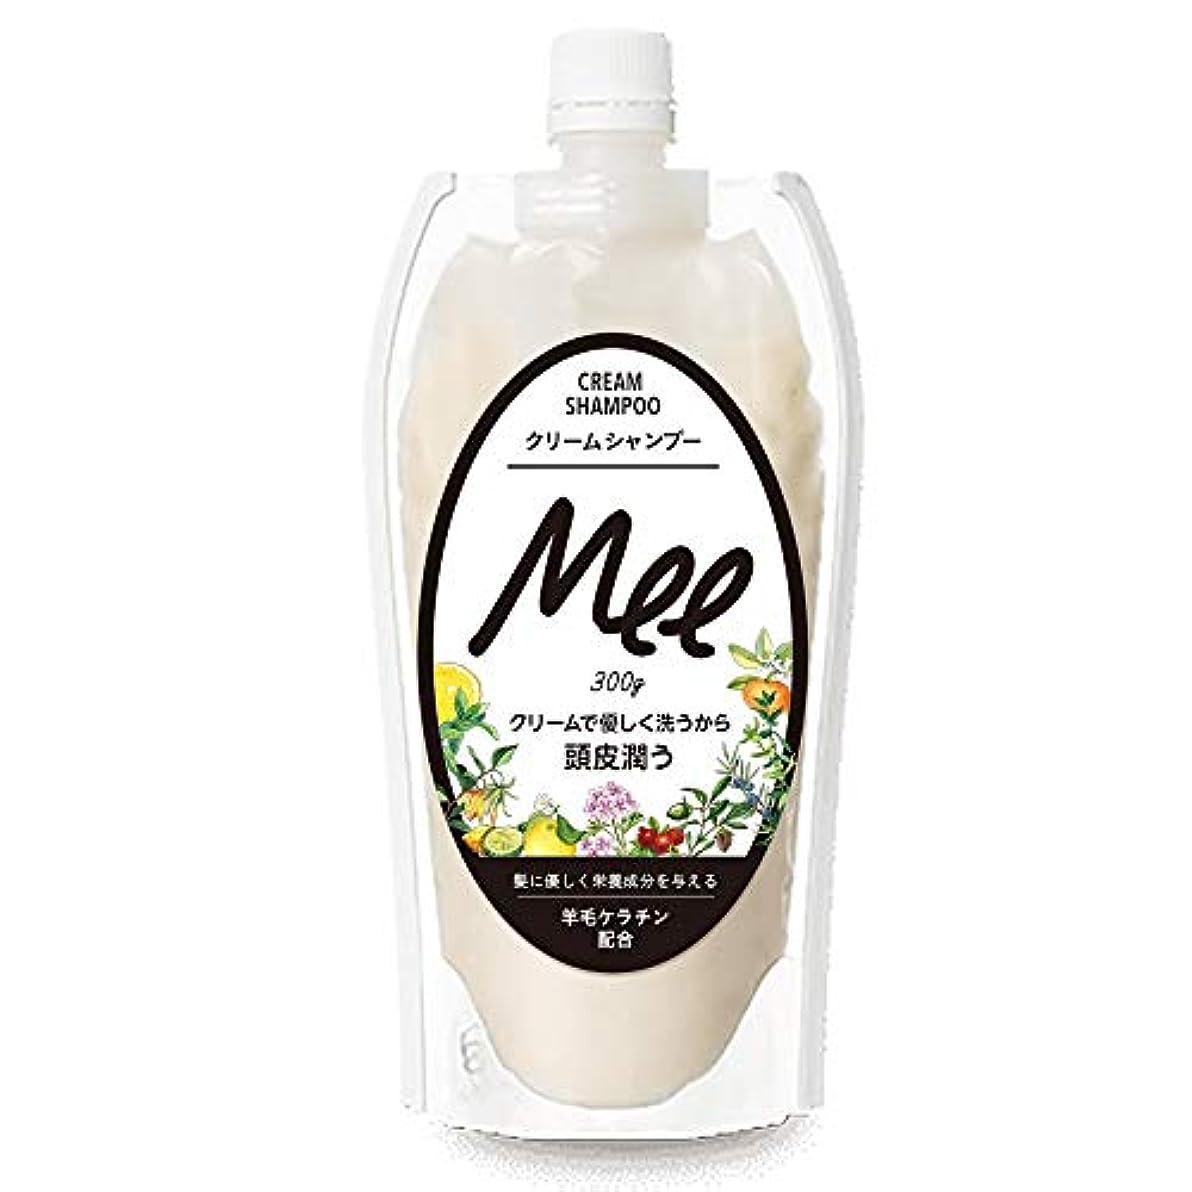 有益な練るラフ洗えるヘアトリートメント Mee 300g クリームシャンプー 皮脂 乾燥肌 ダメージケア 大容量 時短